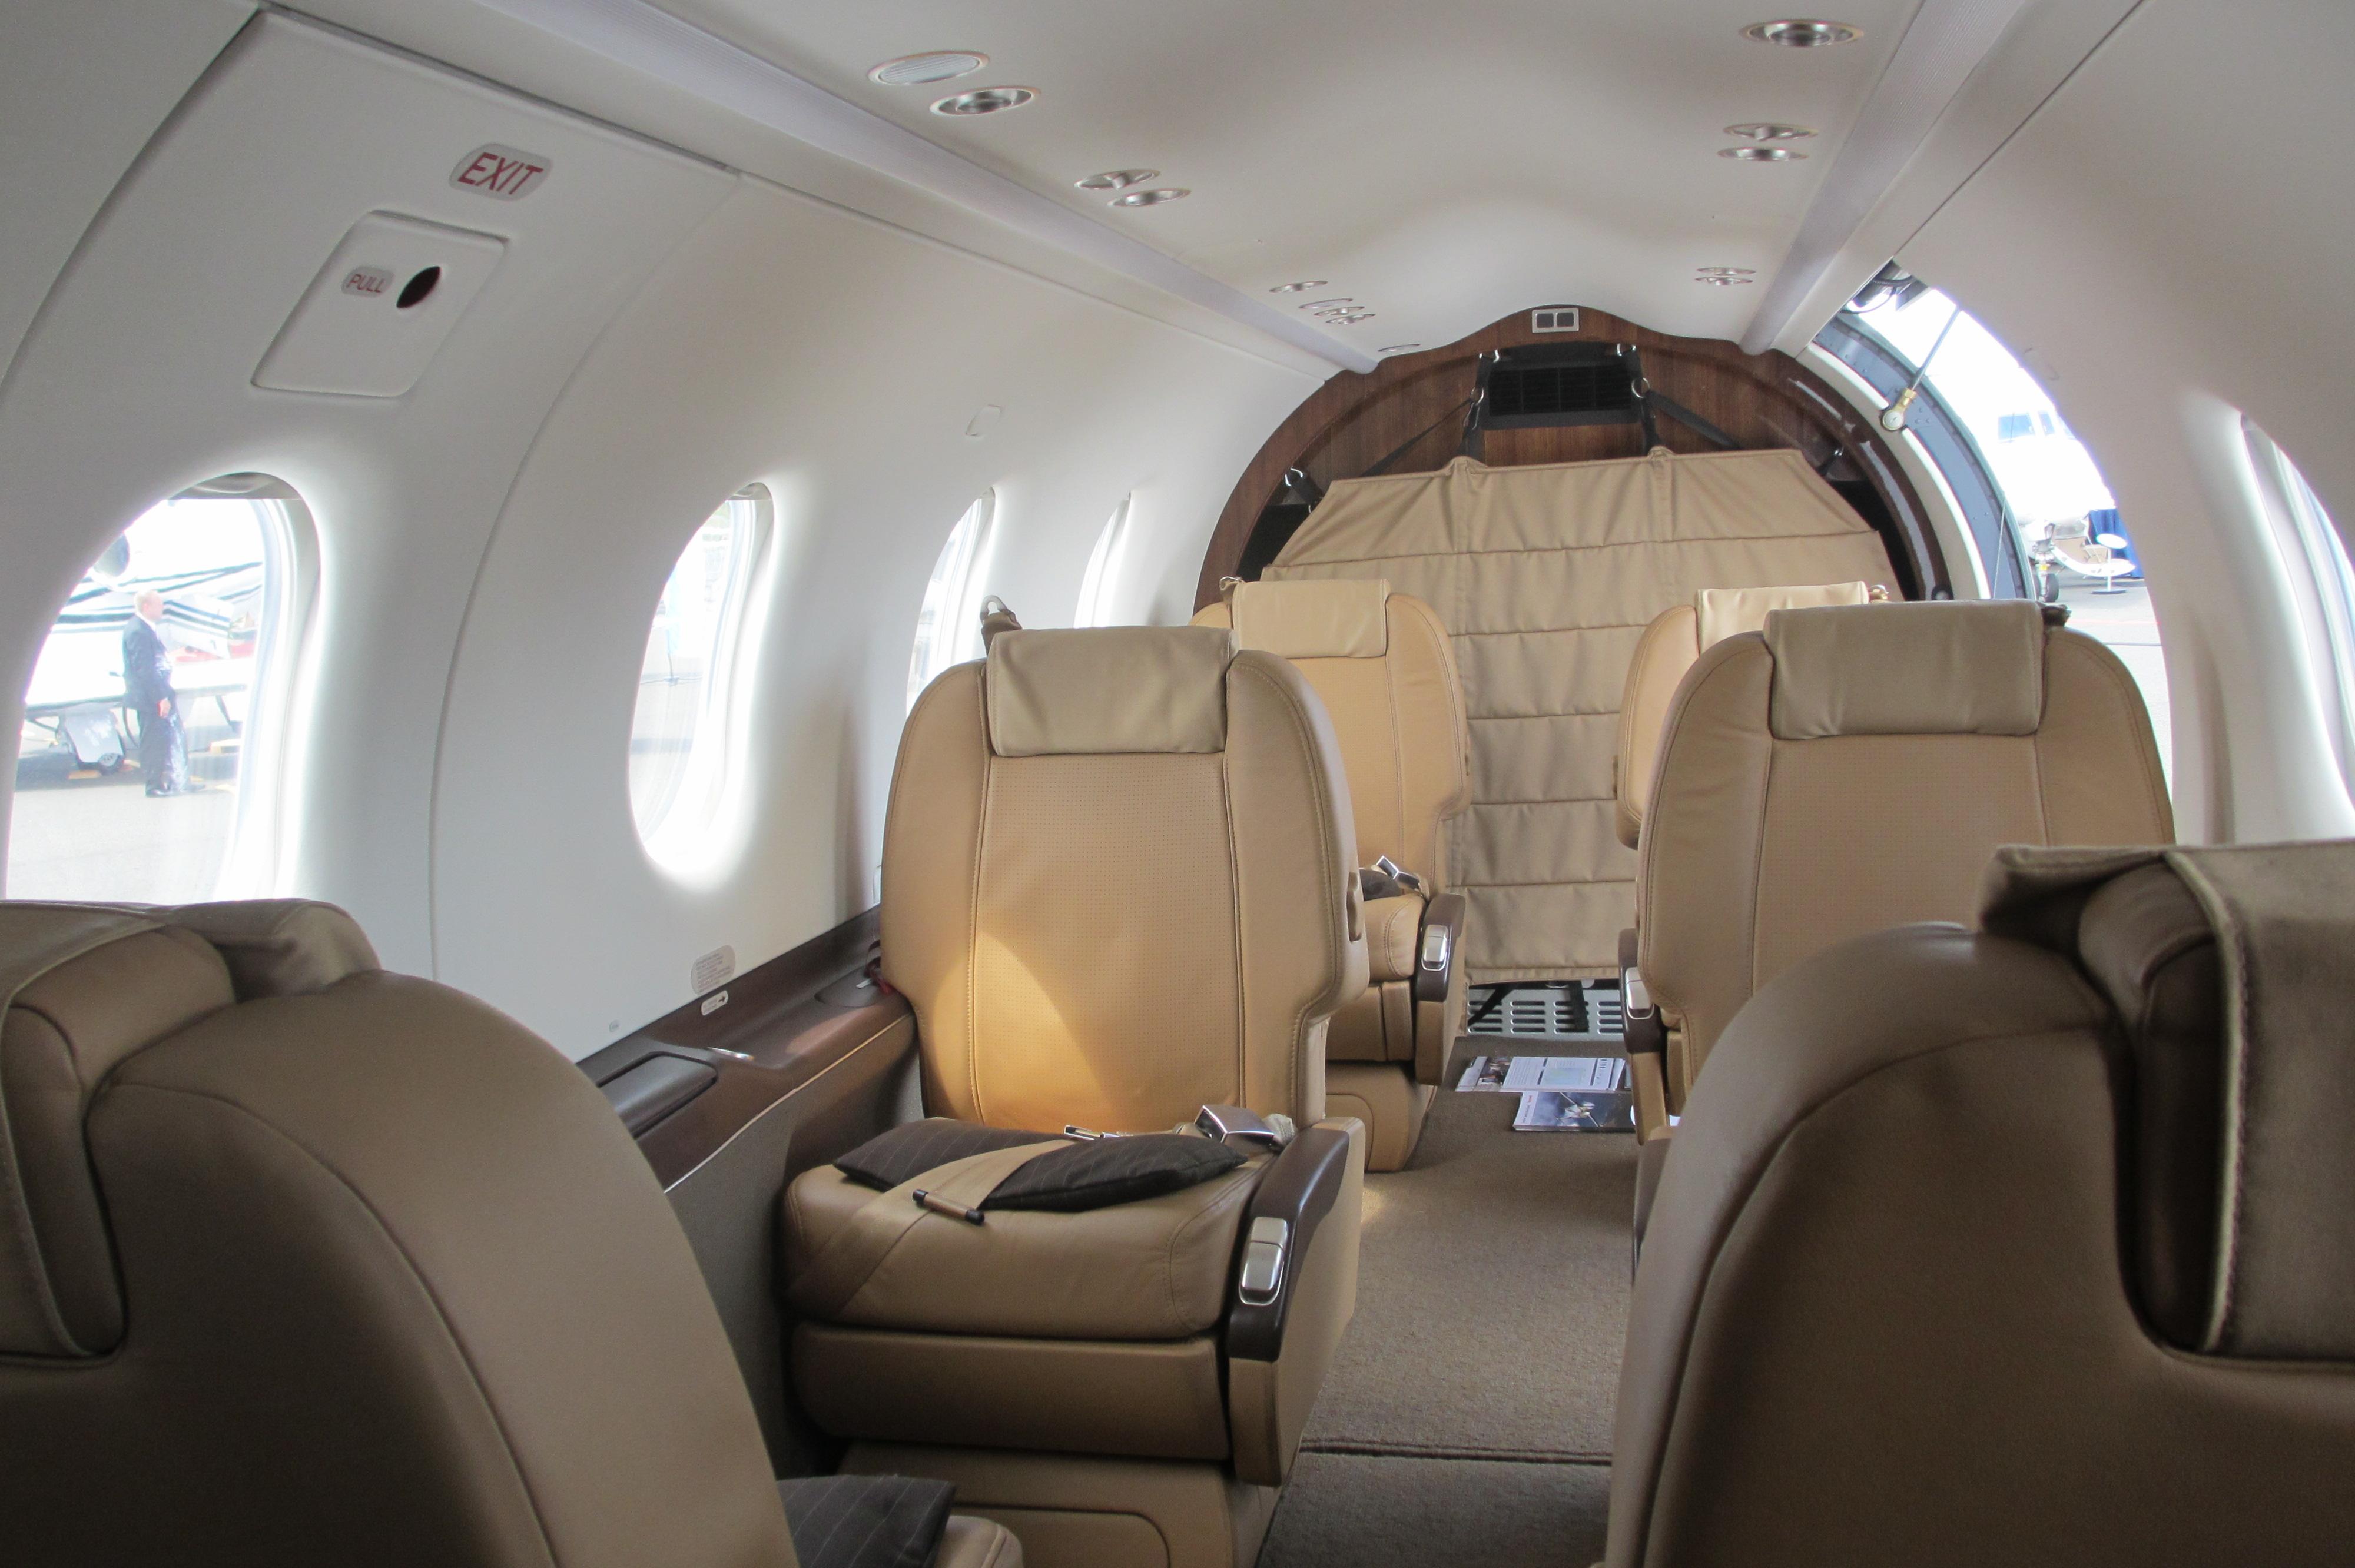 Superb File:Pilatus PC 12 Cabin Interior